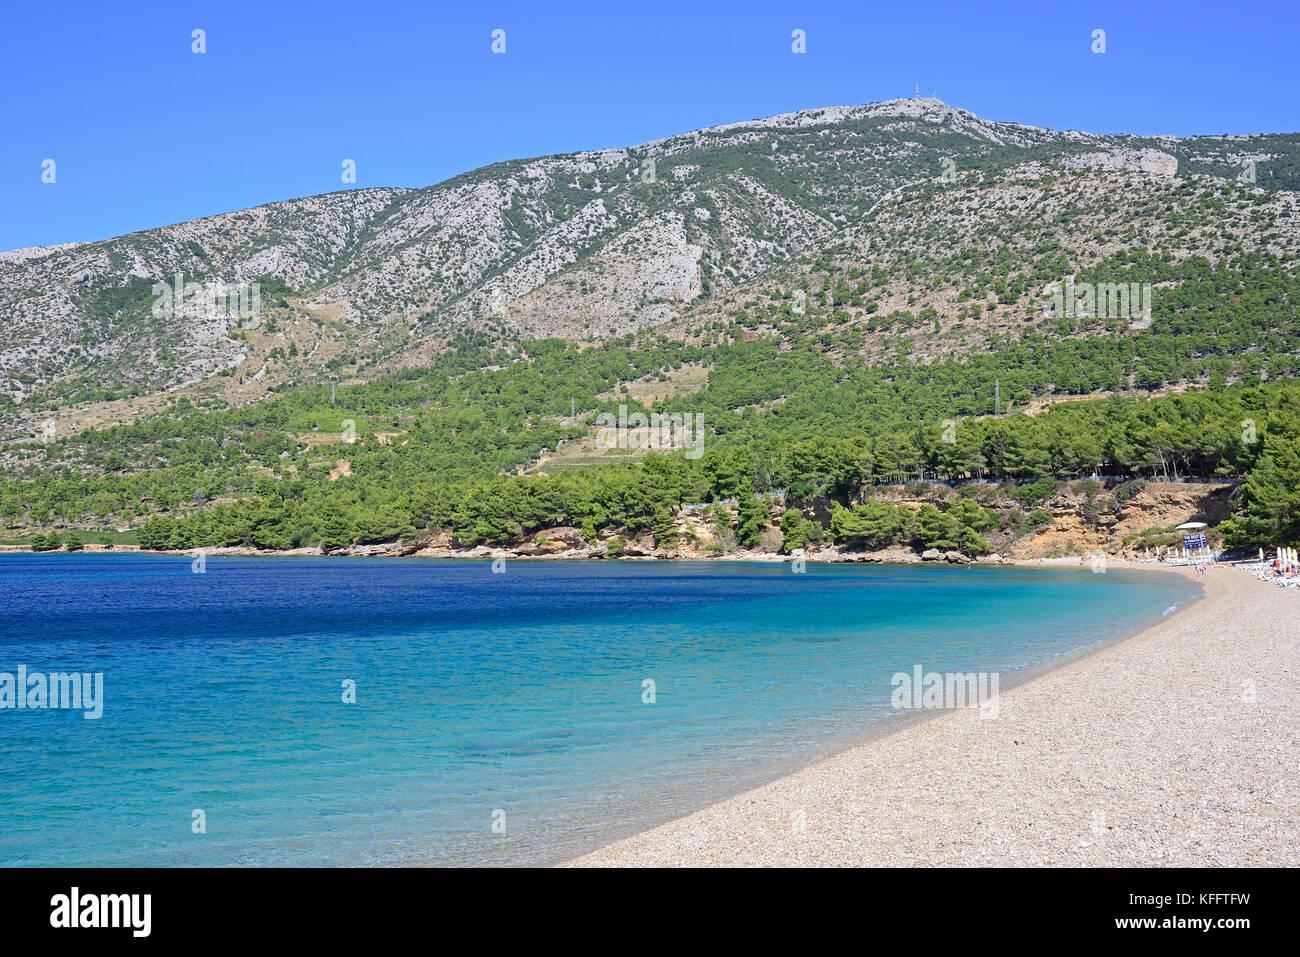 Plage de sable par la cape d'or de bol, mer Adriatique, mer méditerranée, bol, île de Brac, Dalmatie, Photo Stock